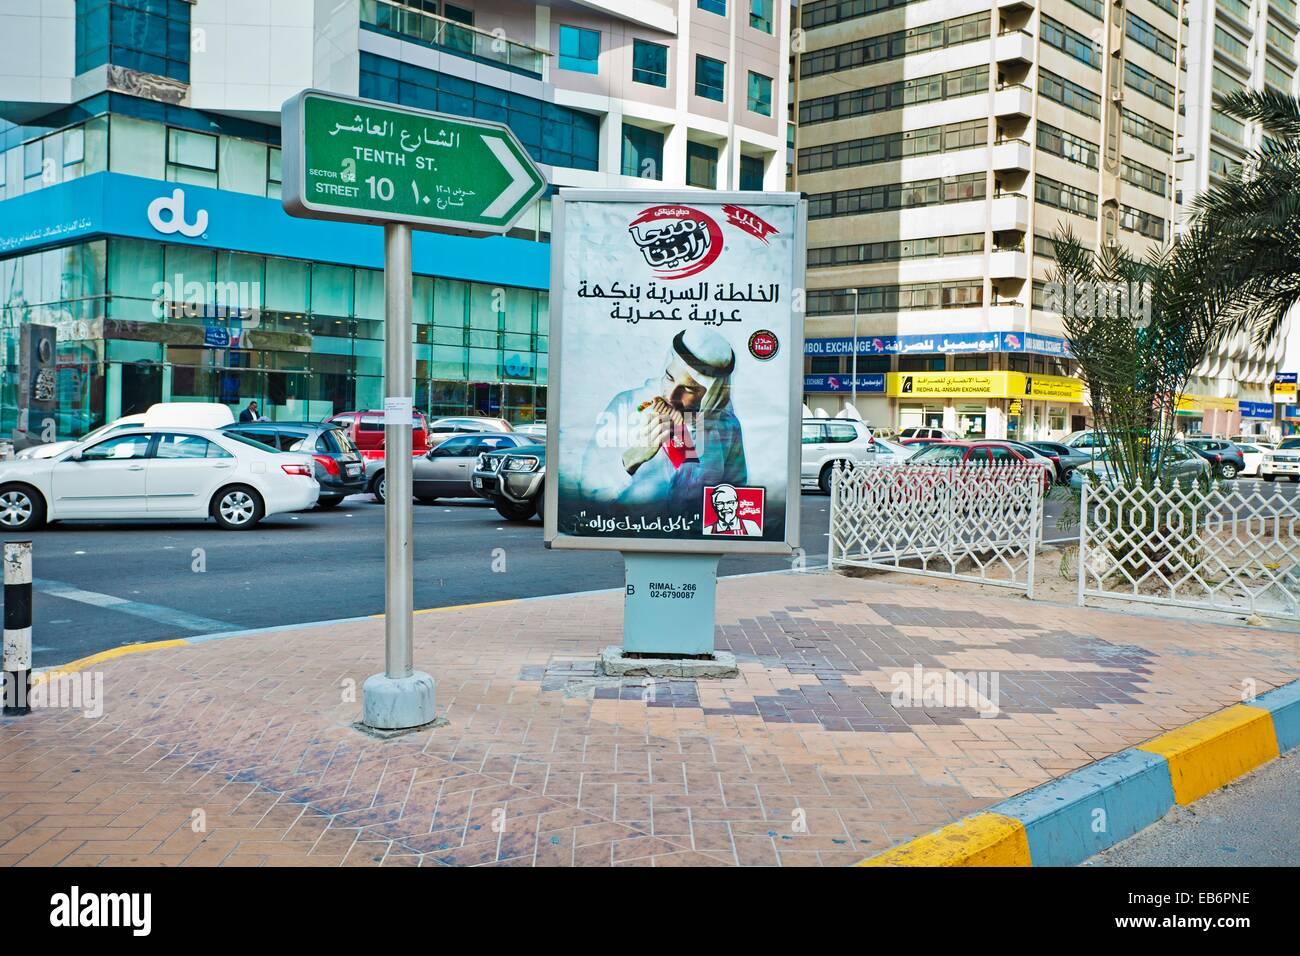 Filipina rencontre Abu Dhabi sites de rencontres fausses publicités